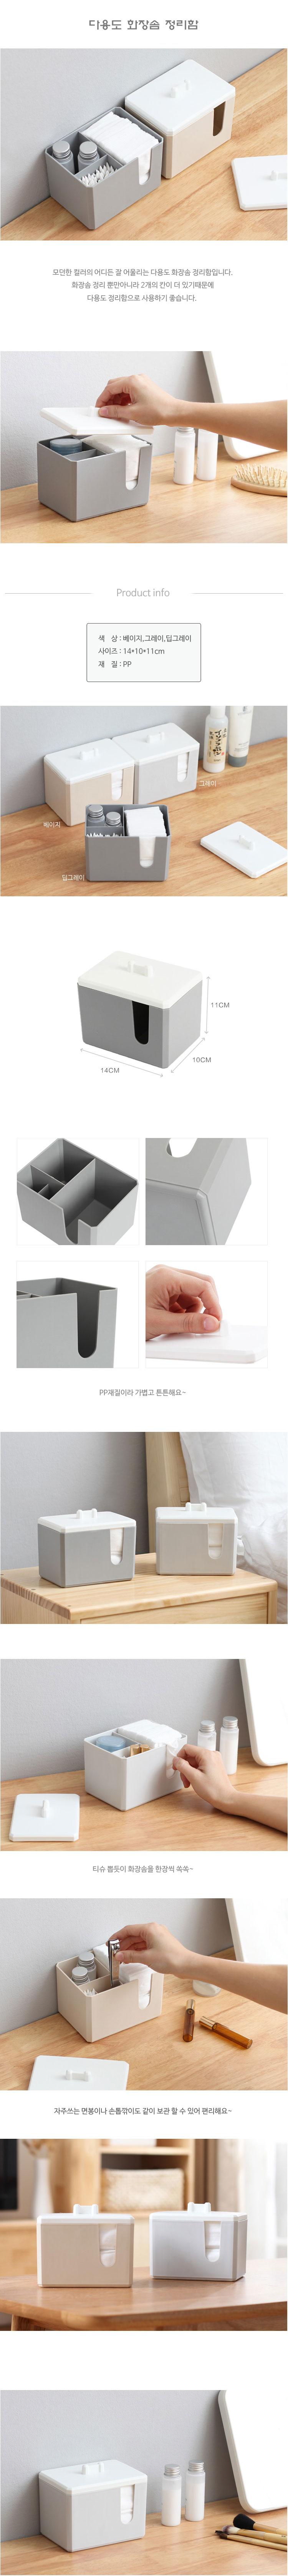 다용도화장솜 정리함 - 제이엔터프라이스, 4,900원, 정리함, 화장품정리함